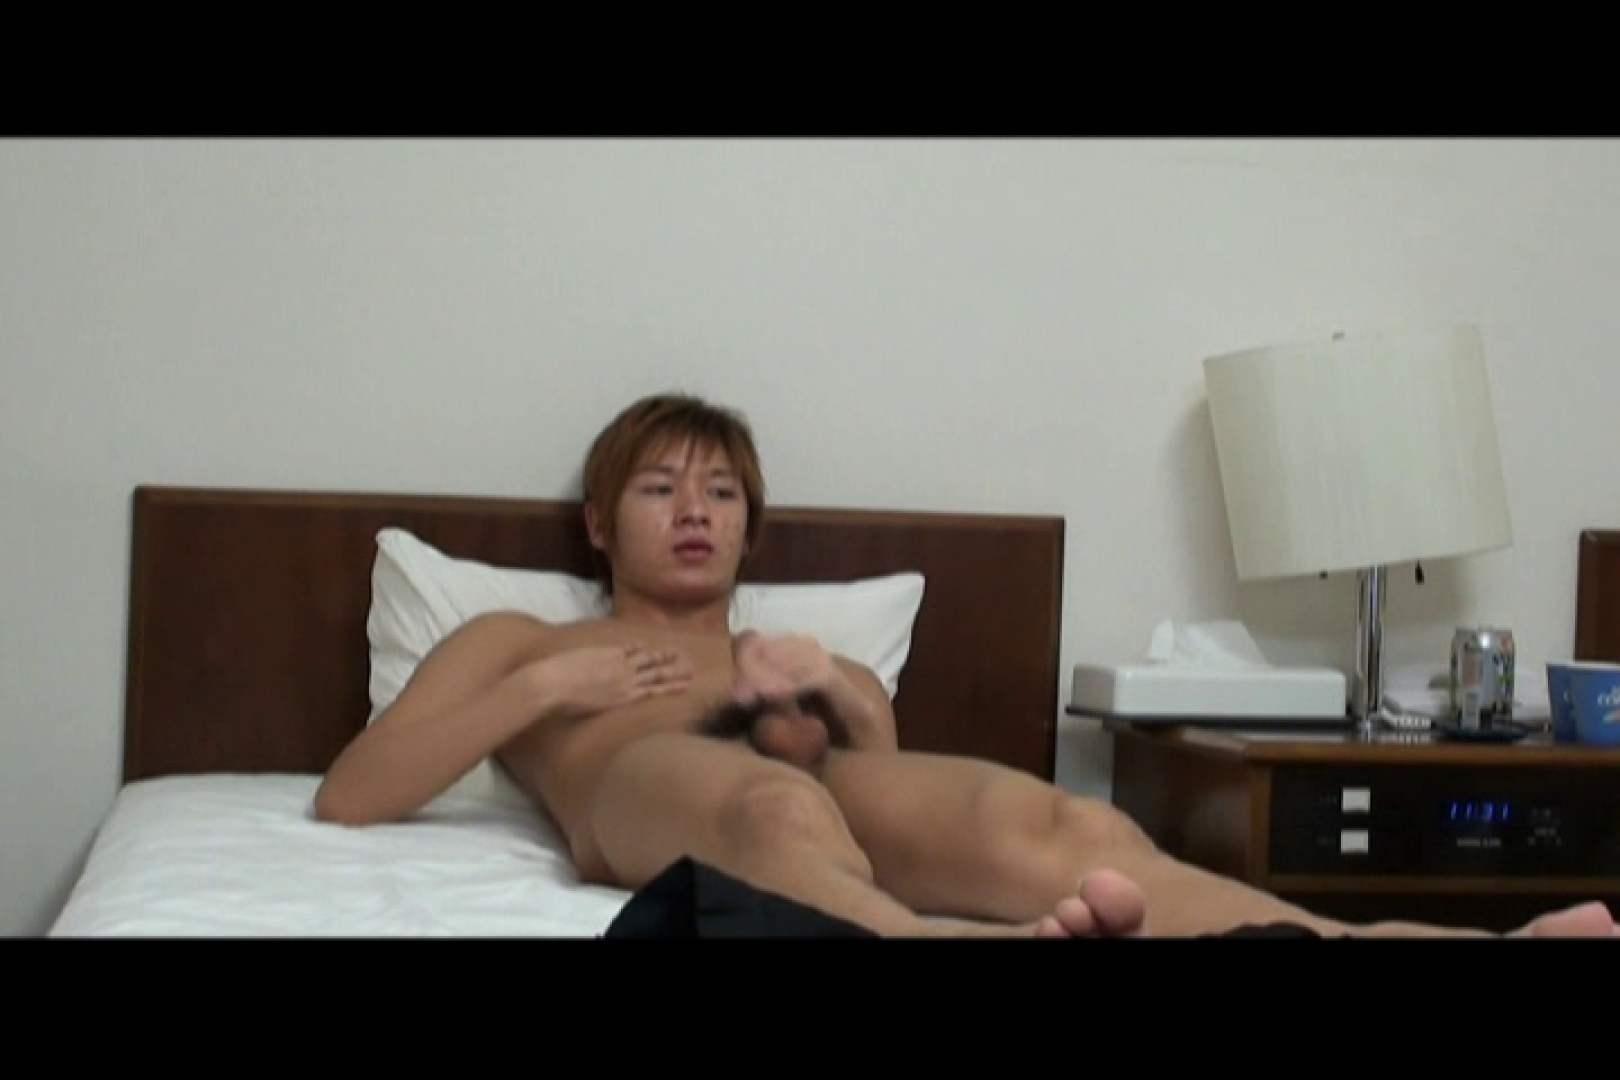 目線解禁!ノンケイケメン自慰行為編特集!VOL.02 人気シリーズ | 裸  64pic 6